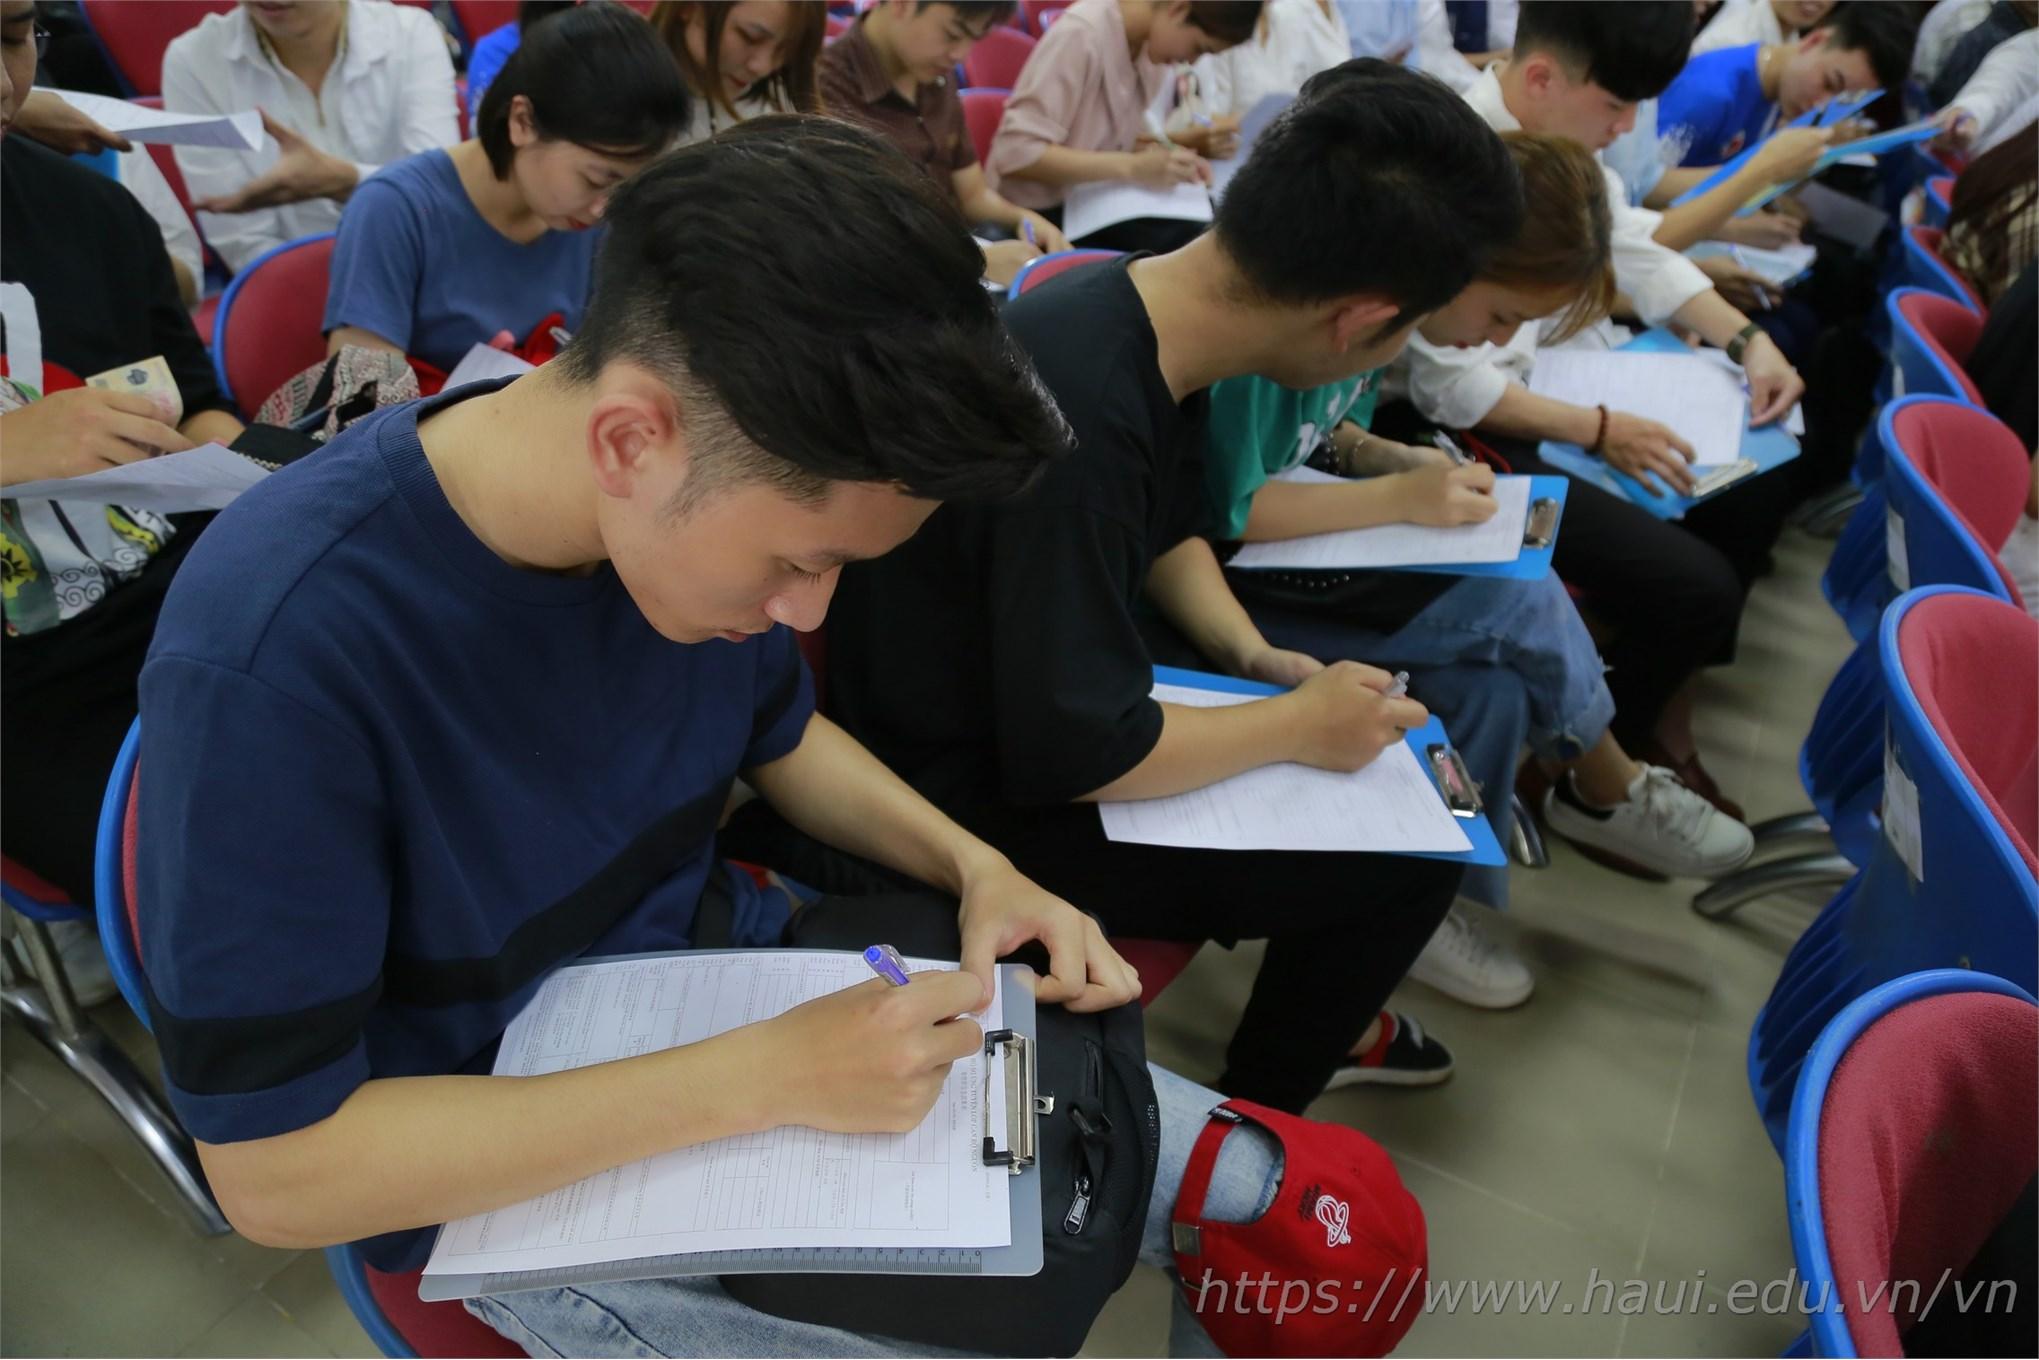 Bạn Duy Khánh – sinh viên năm cuối ngành Cơ khí đang điền những thủ tục cần thiết để hoàn thiện hồ sơ phỏng vấn trực tiếp